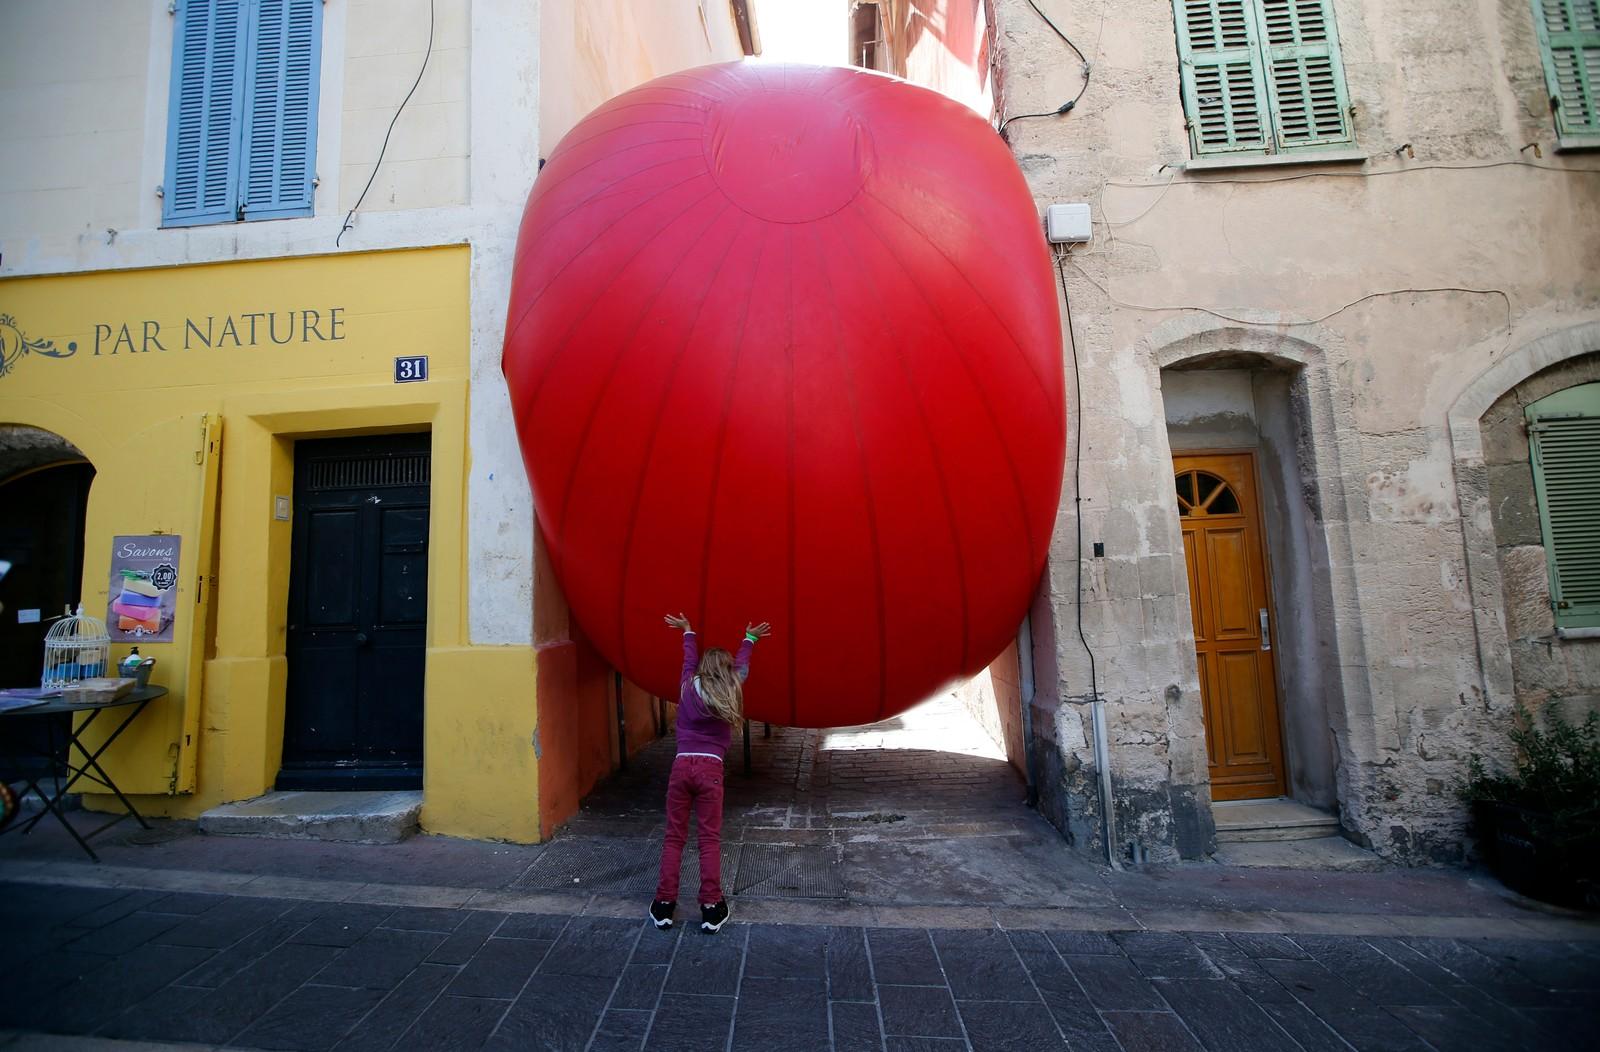 RedBall Project av kunstneren Kurt Perschke stilles ut i flere europeiske offentlige rom, og har nå kommet til Marseille, der den får oppmerksomhet fra denne jenta.